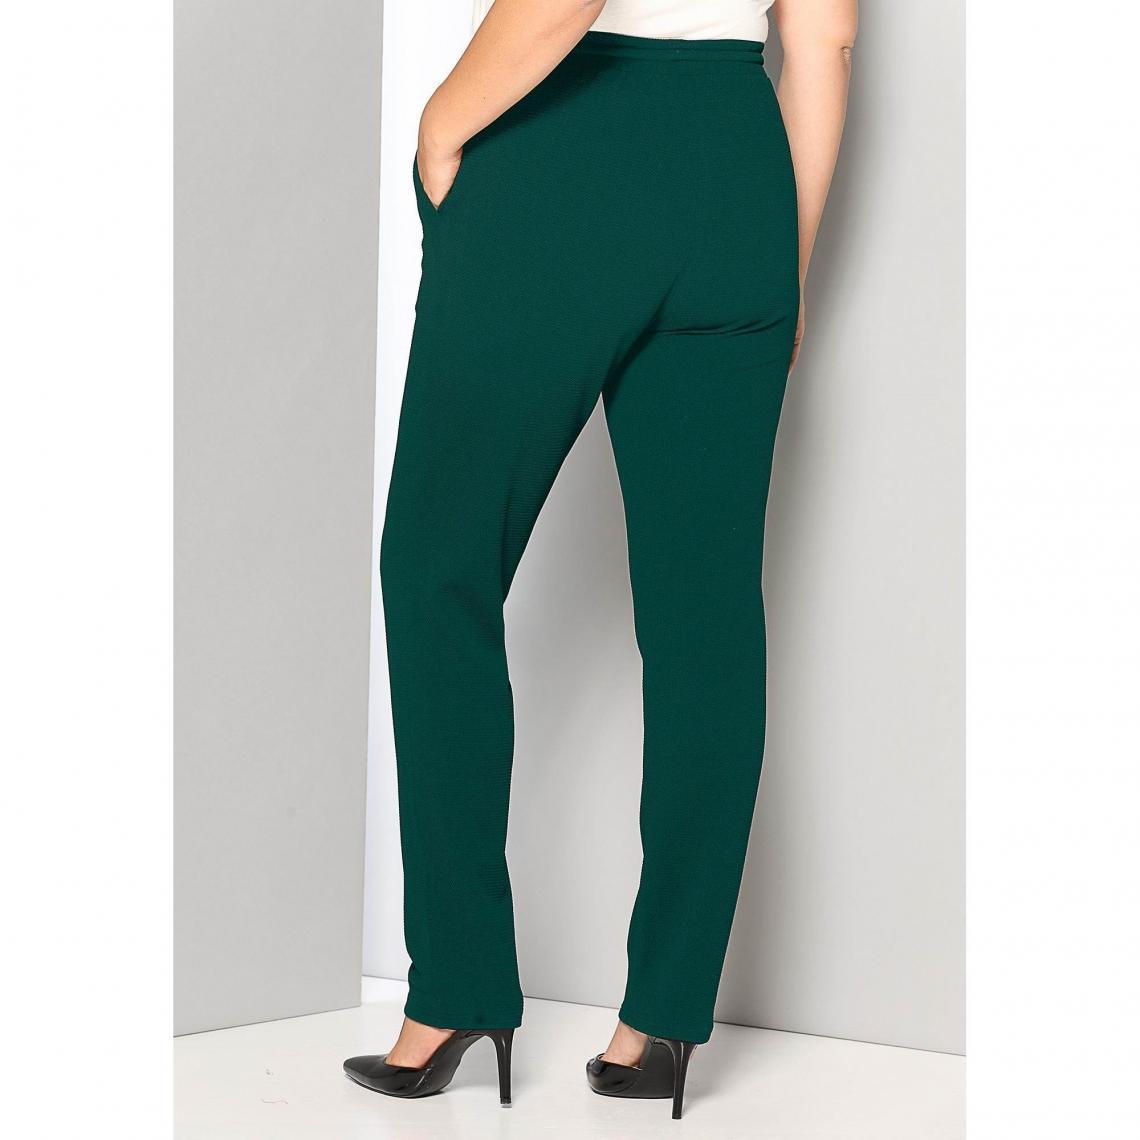 29ab118a7ac Pantalon taille élastique et cordon poches grandes tailles femme - Vert  Émeraude 3 SUISSES